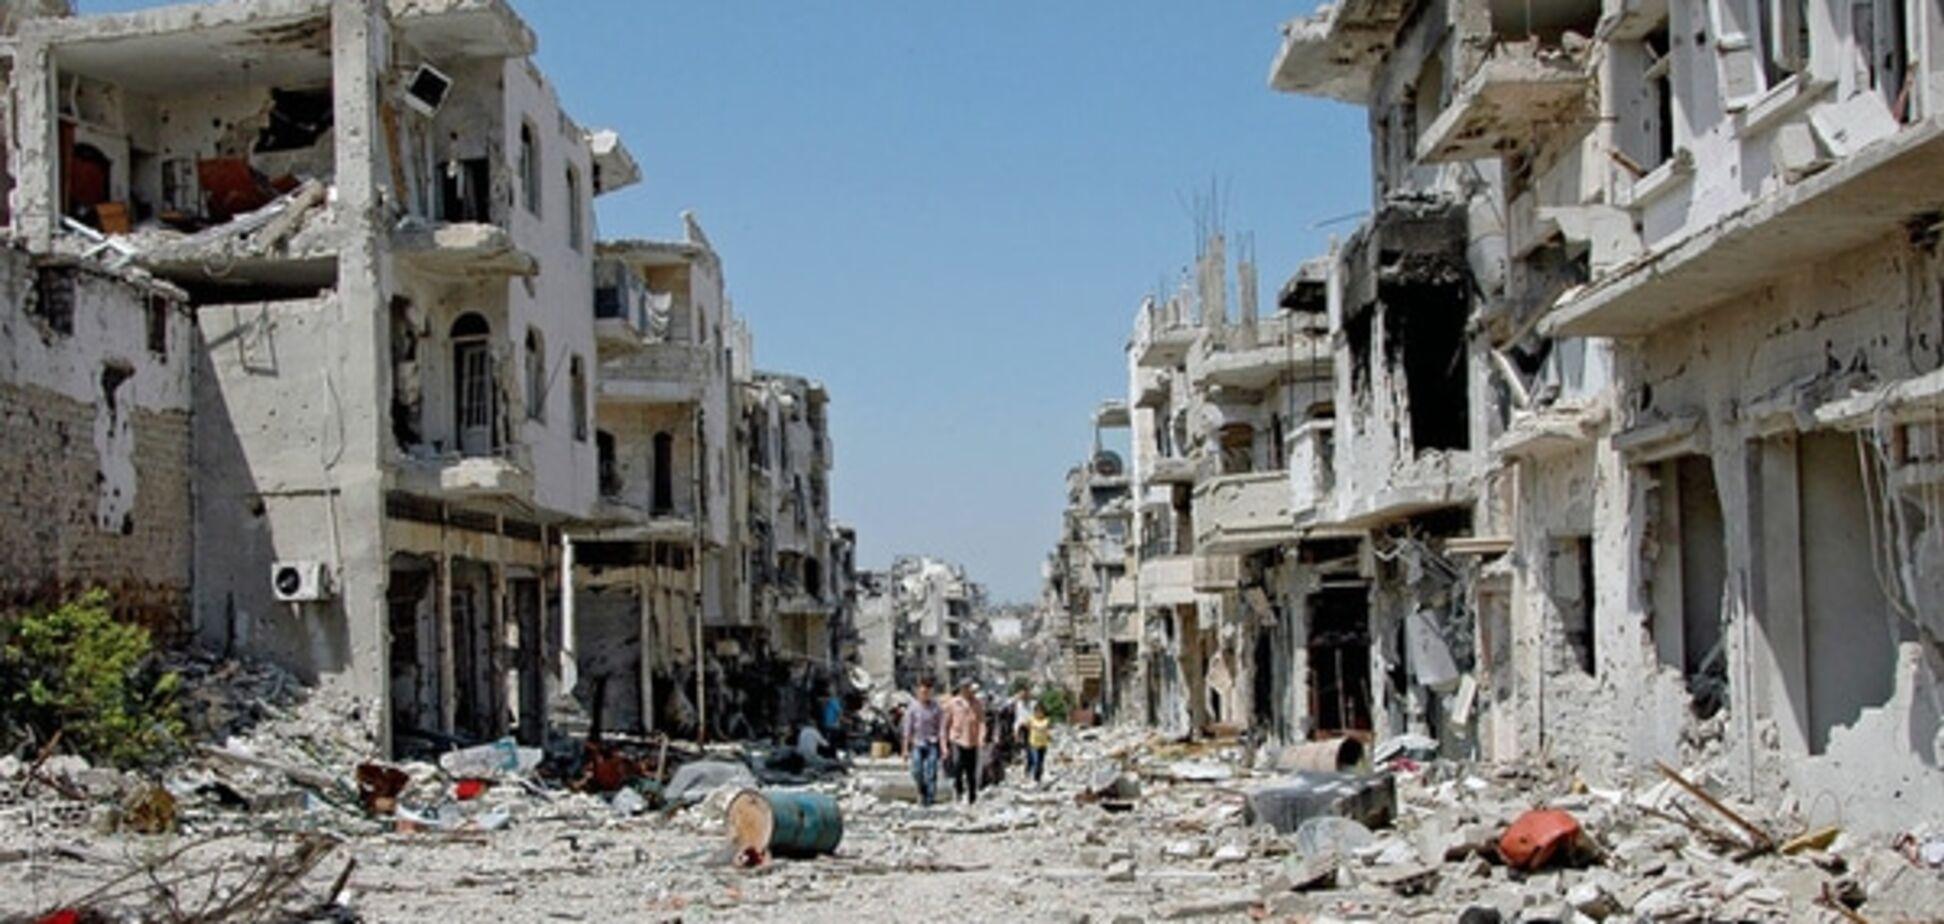 Коготок увяз - всей птичке пропасть: Семиволос рассказал, что ждет Россию в Сирии